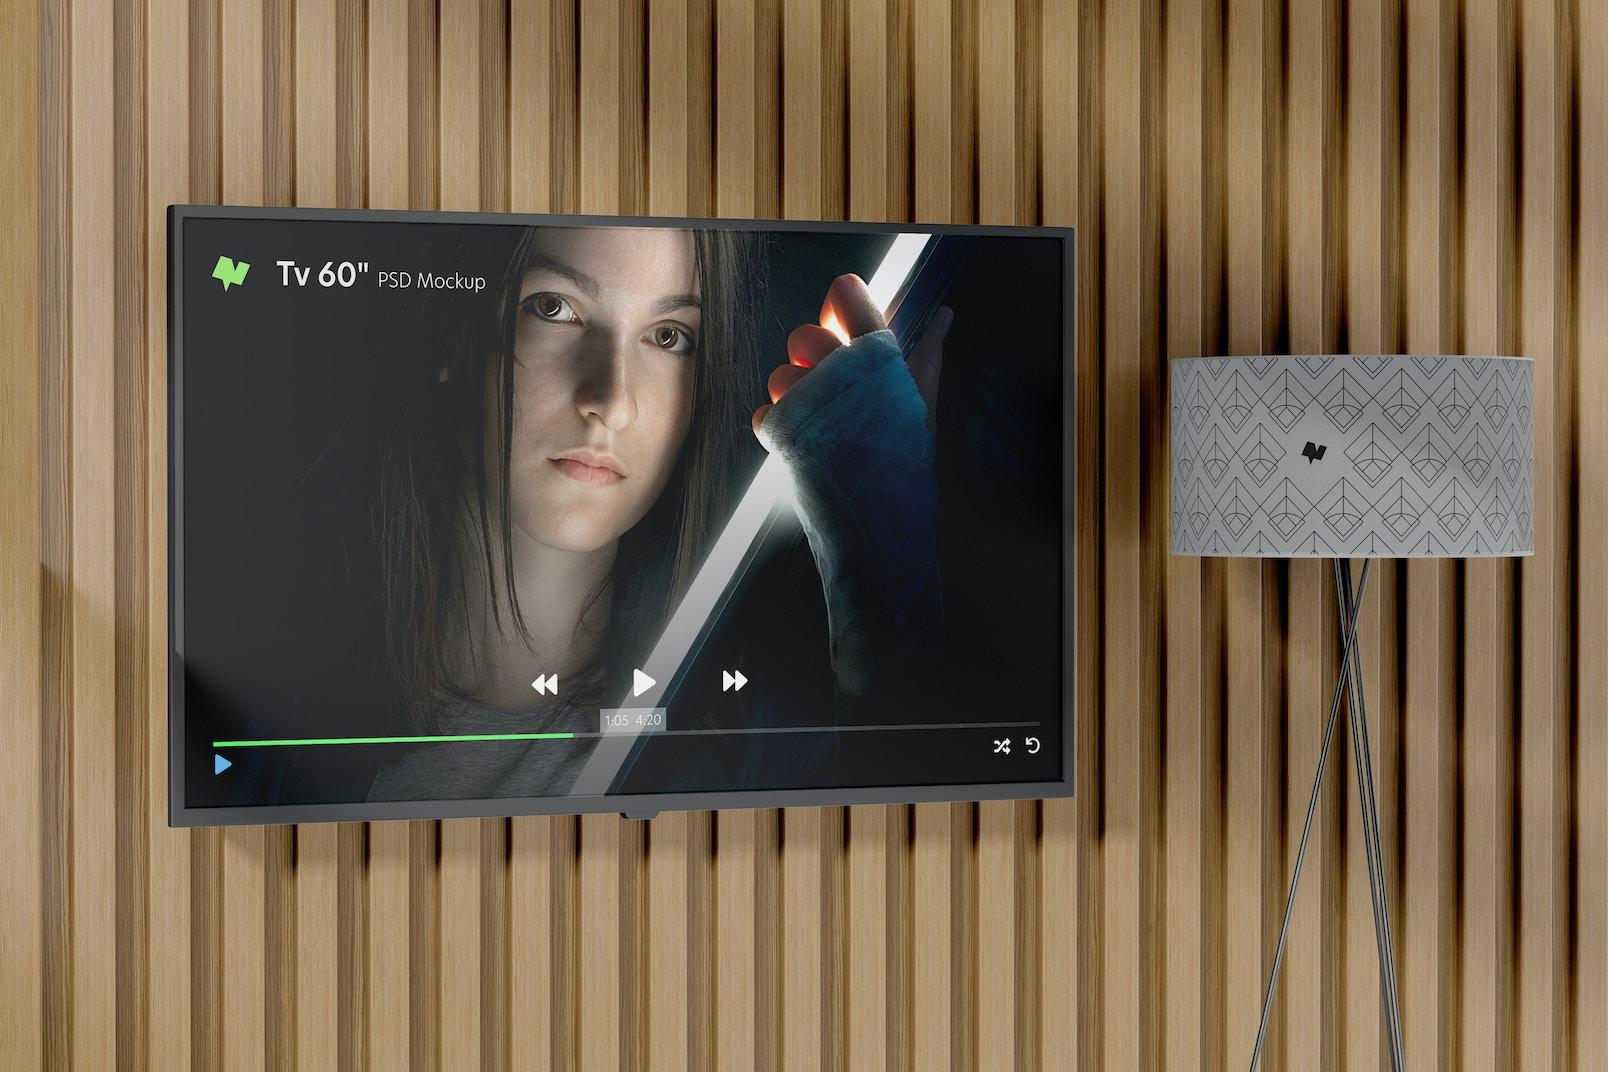 """Tv 60"""" Mockup, on Wall"""